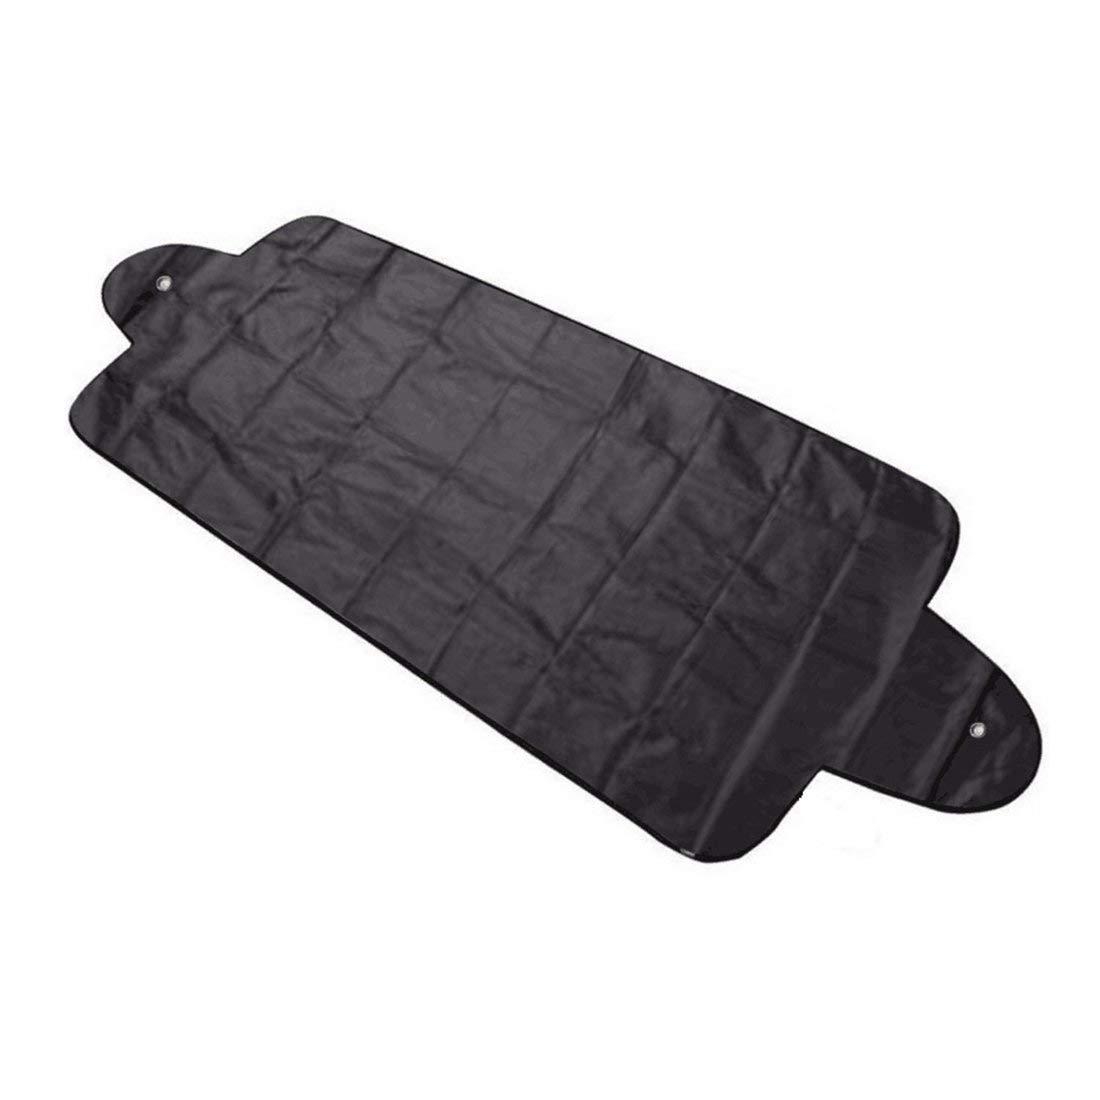 Formulaone Pare-Brise de Voiture Couverture UV proté ger Anti-Glace Neige Bouclier de Givre Protection Anti-poussiè re Pare-Soleil Pare-Brise de Voiture - Noir